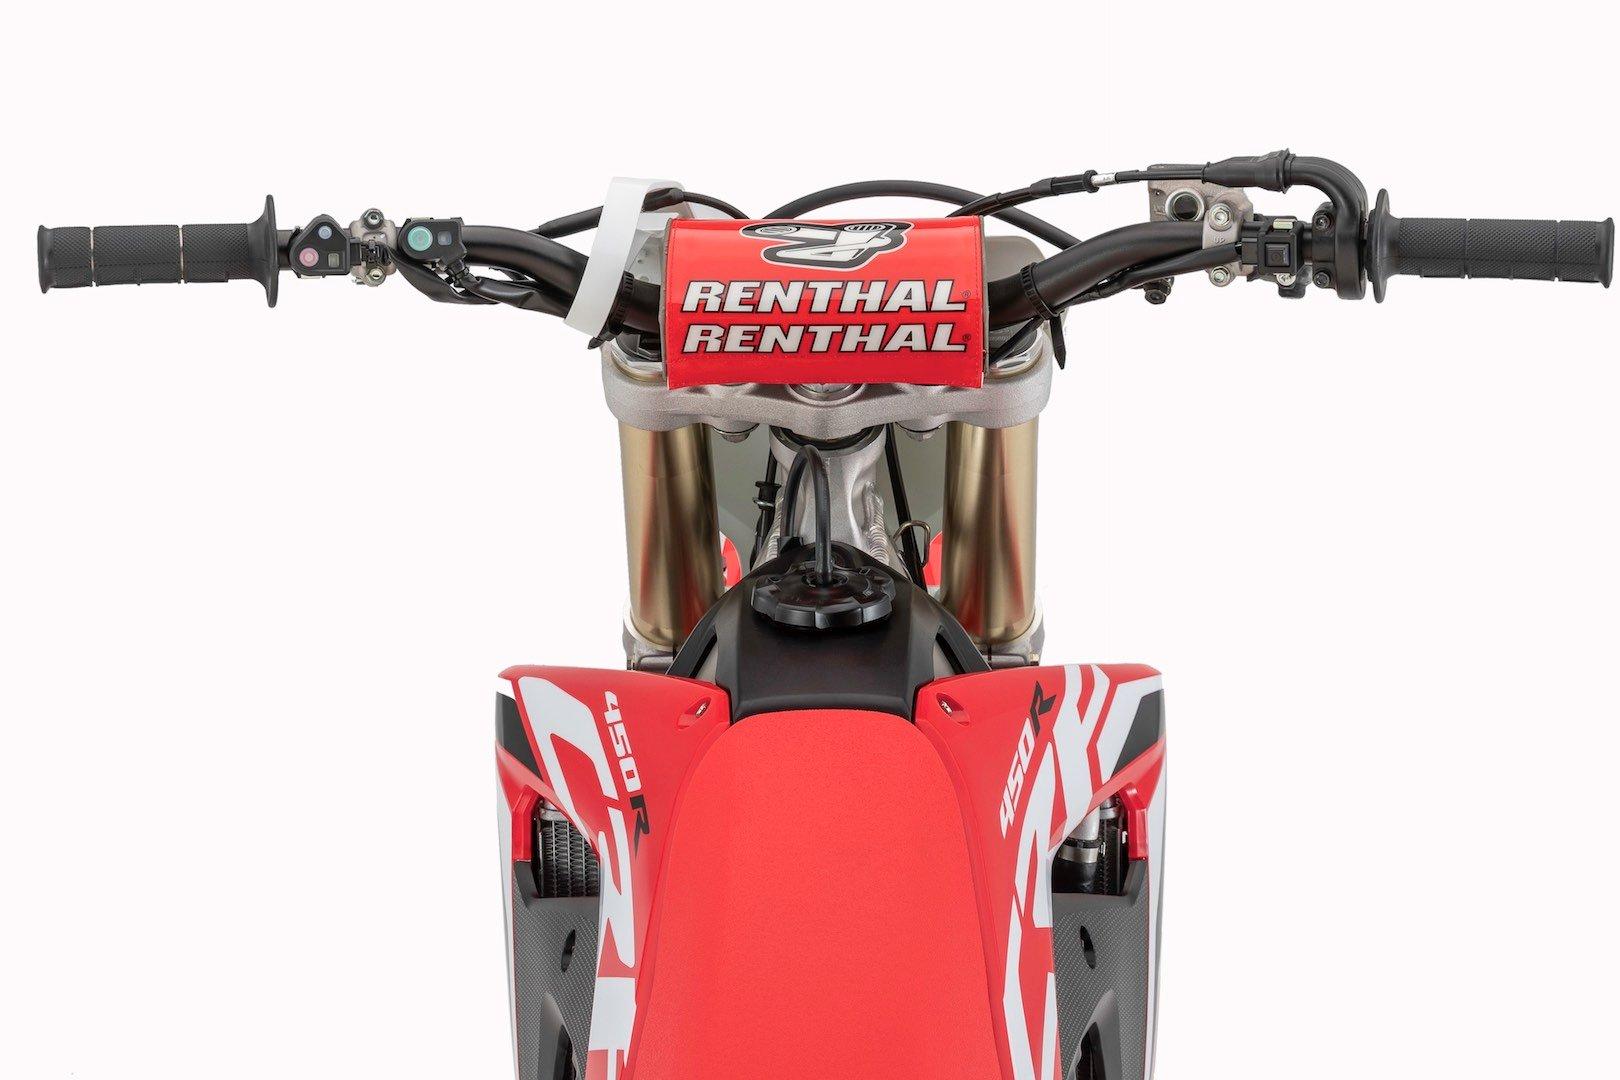 2020 Honda CRF450R specs